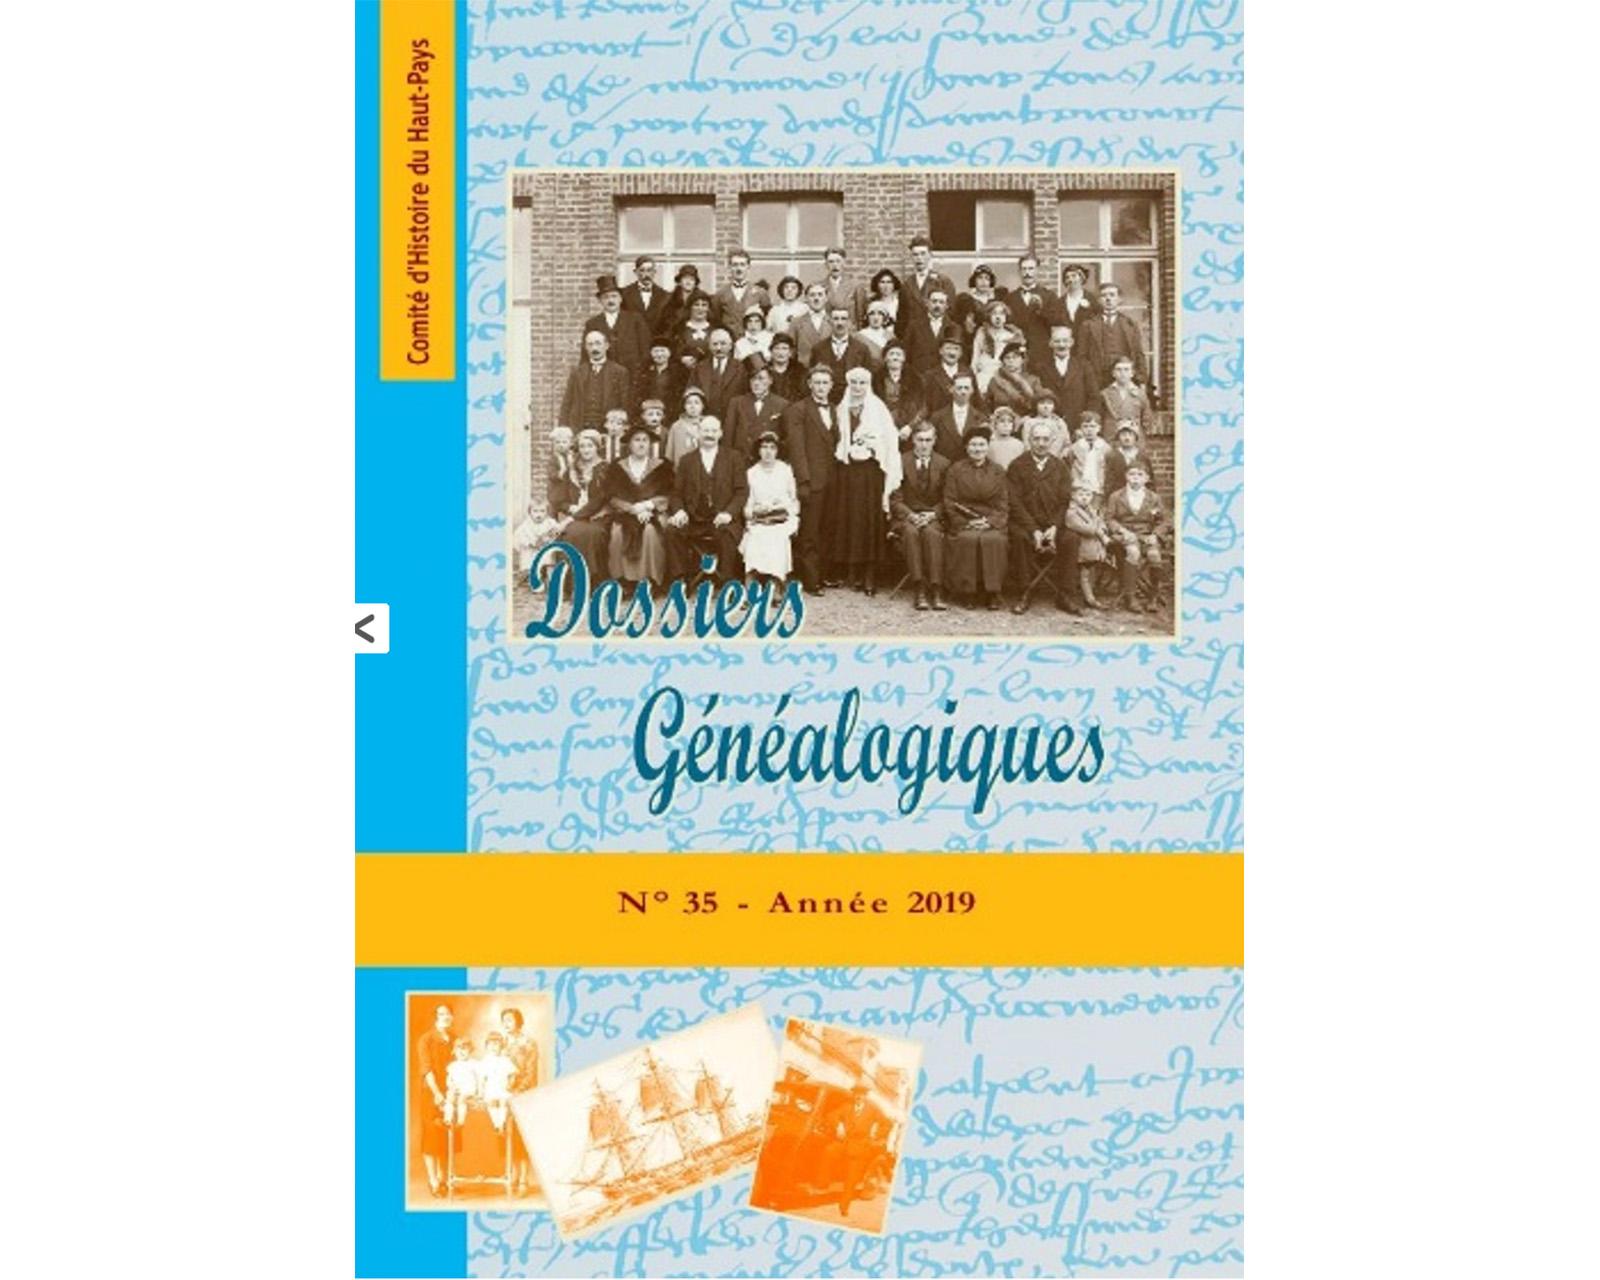 Dossiers généalogiques, n°35